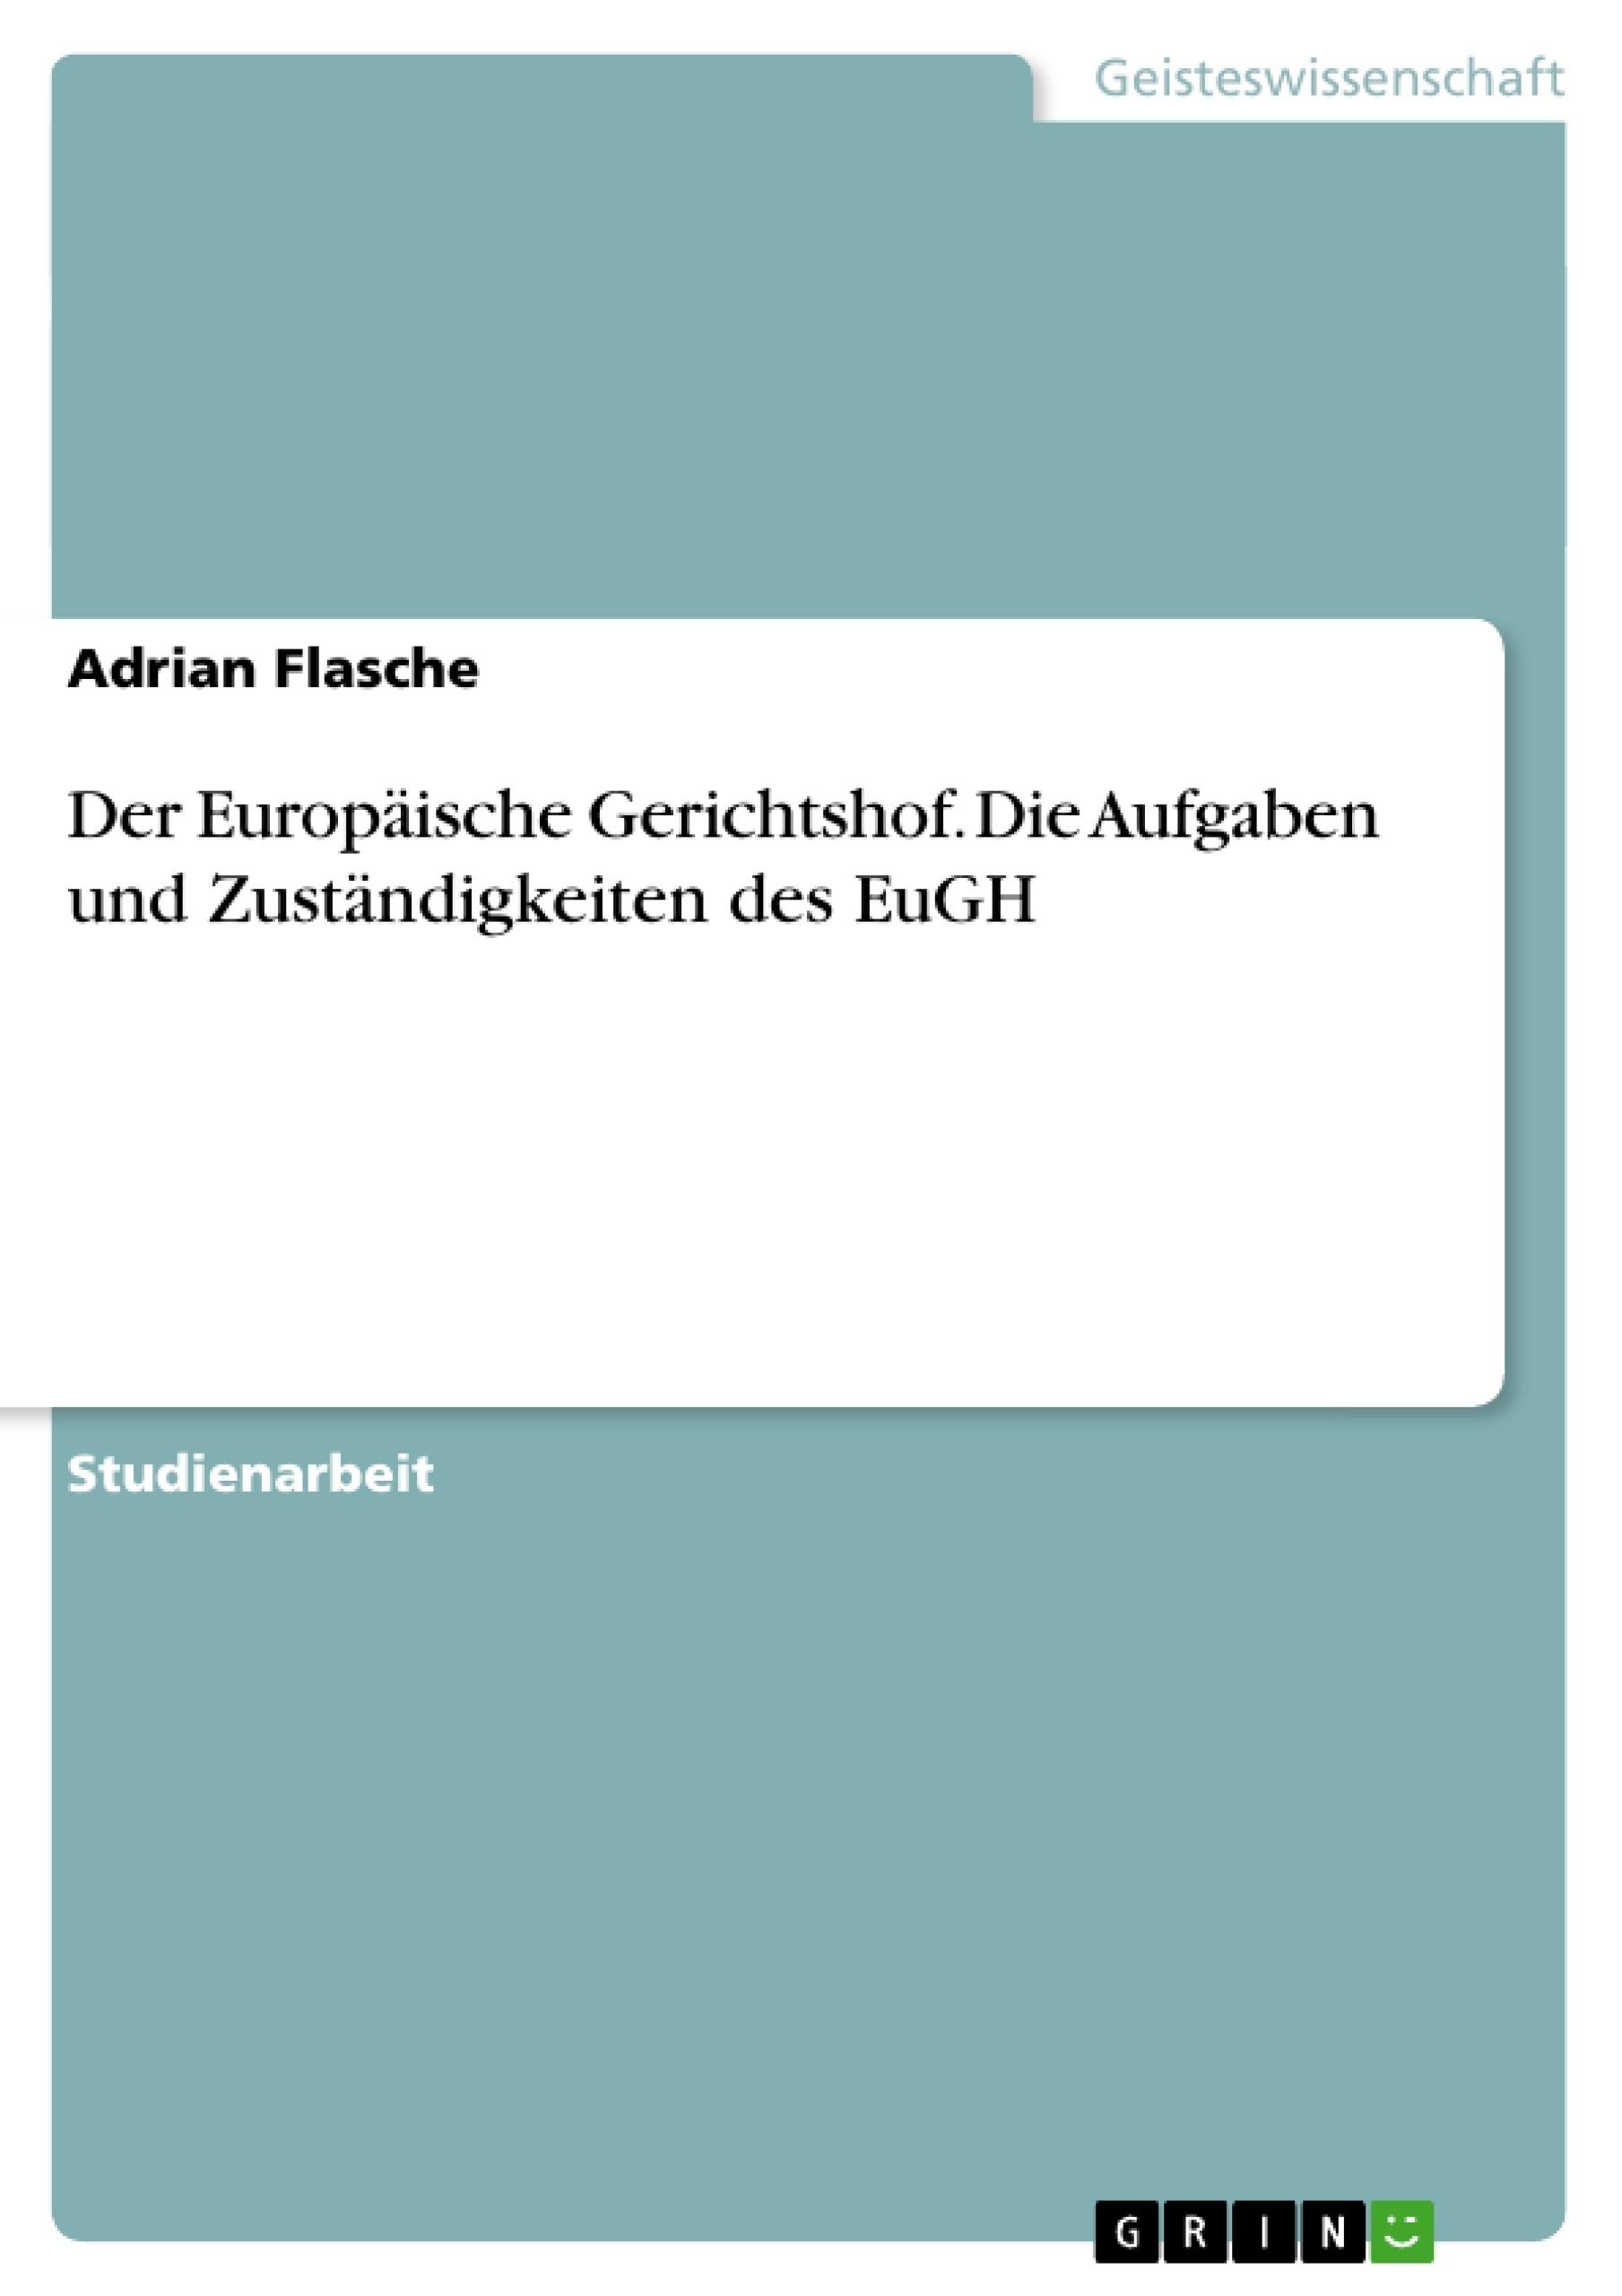 Titel: Der Europäische Gerichtshof. Die Aufgaben und Zuständigkeiten des EuGH